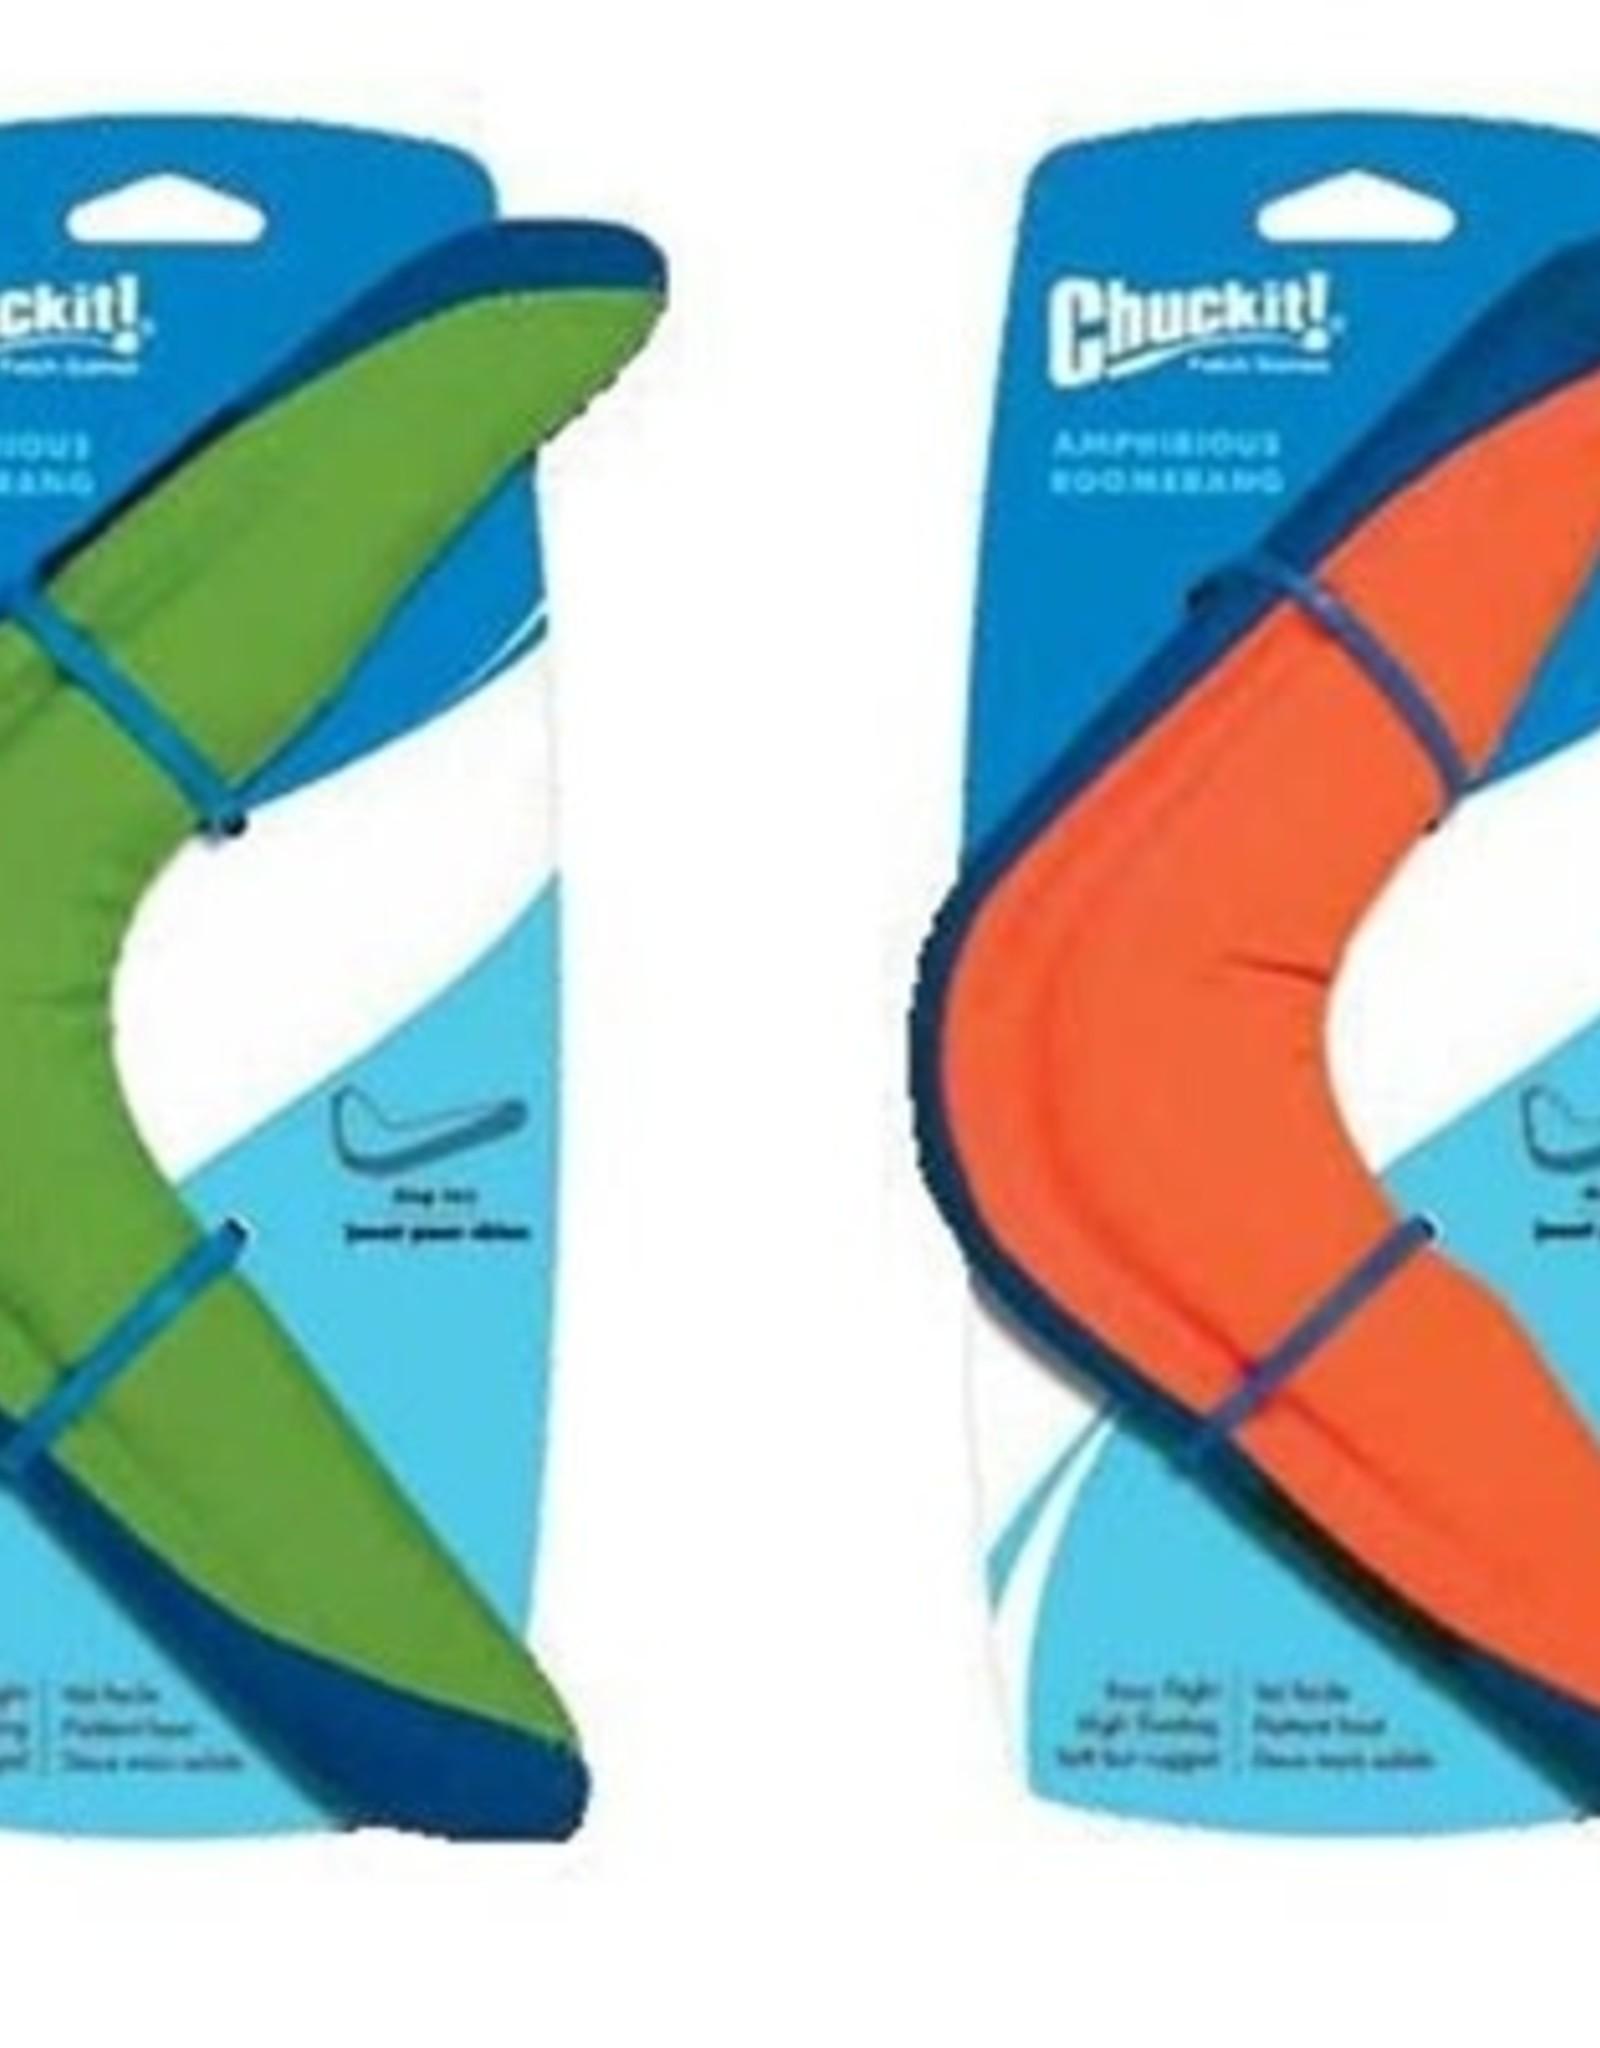 Chuckit! Chuckit!® Amphibious Boomerang - Assorted